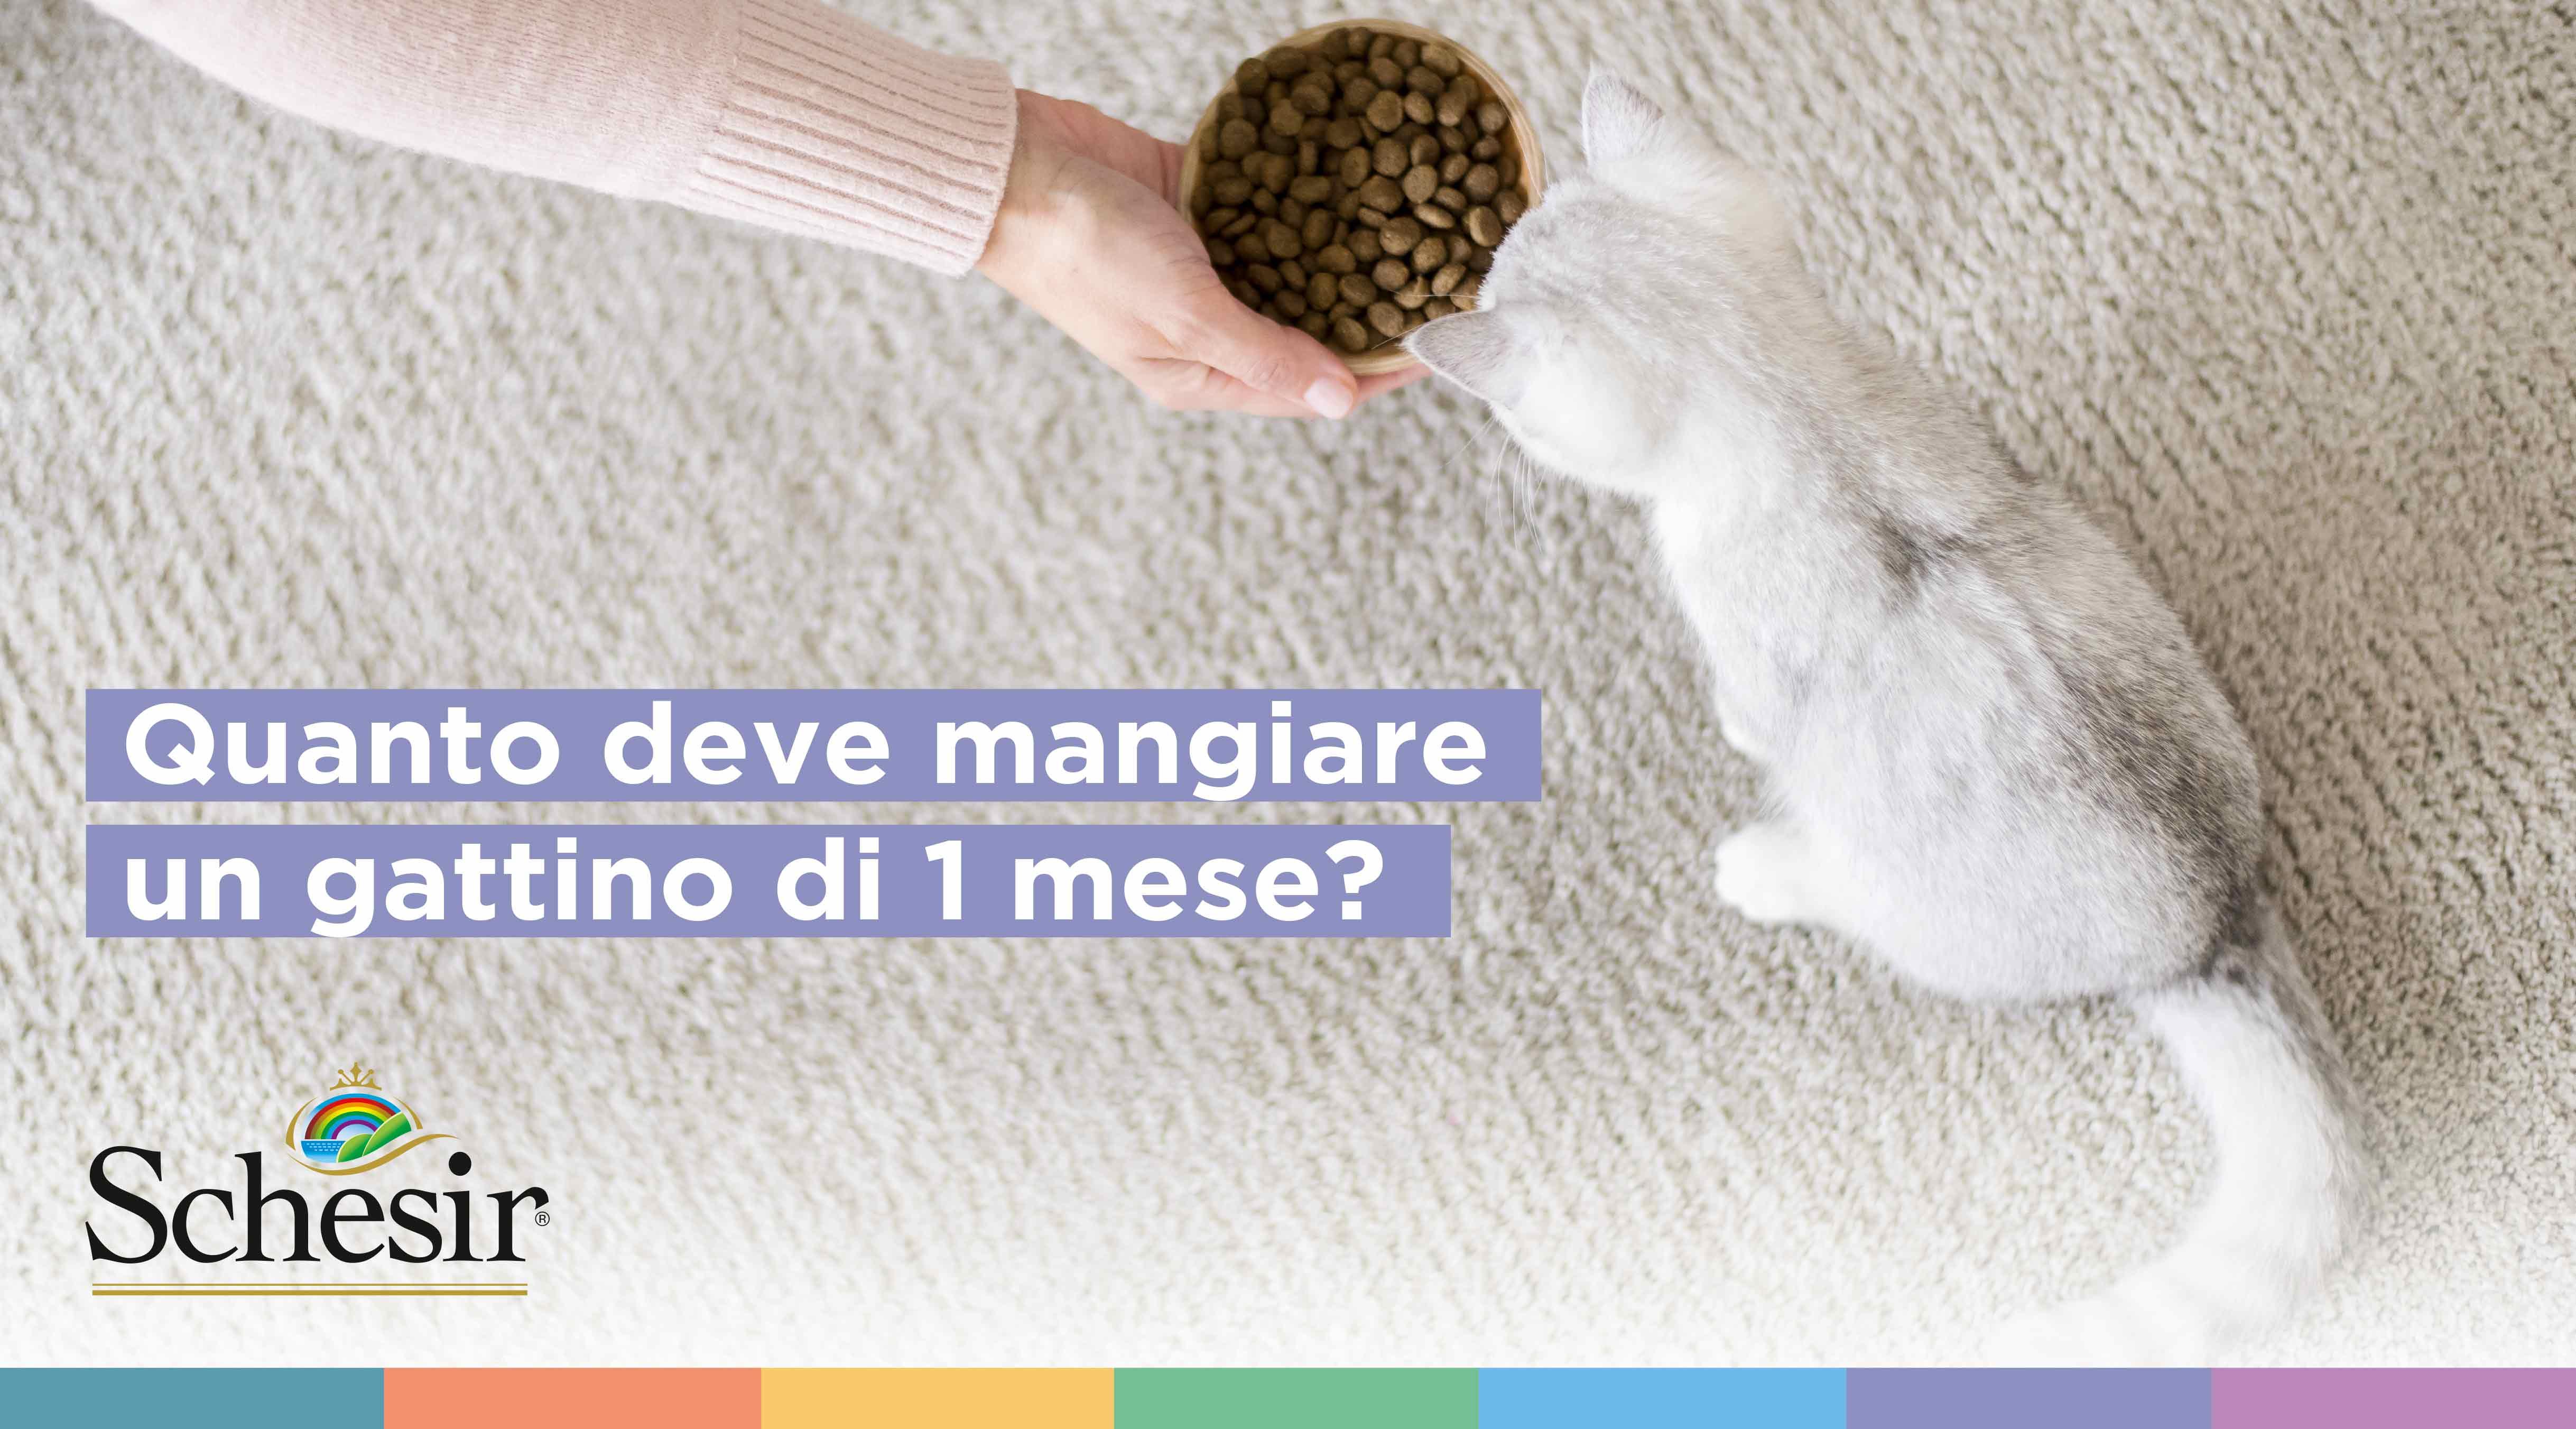 Quanto deve mangiare un gattino di 1 mese?, Schesir